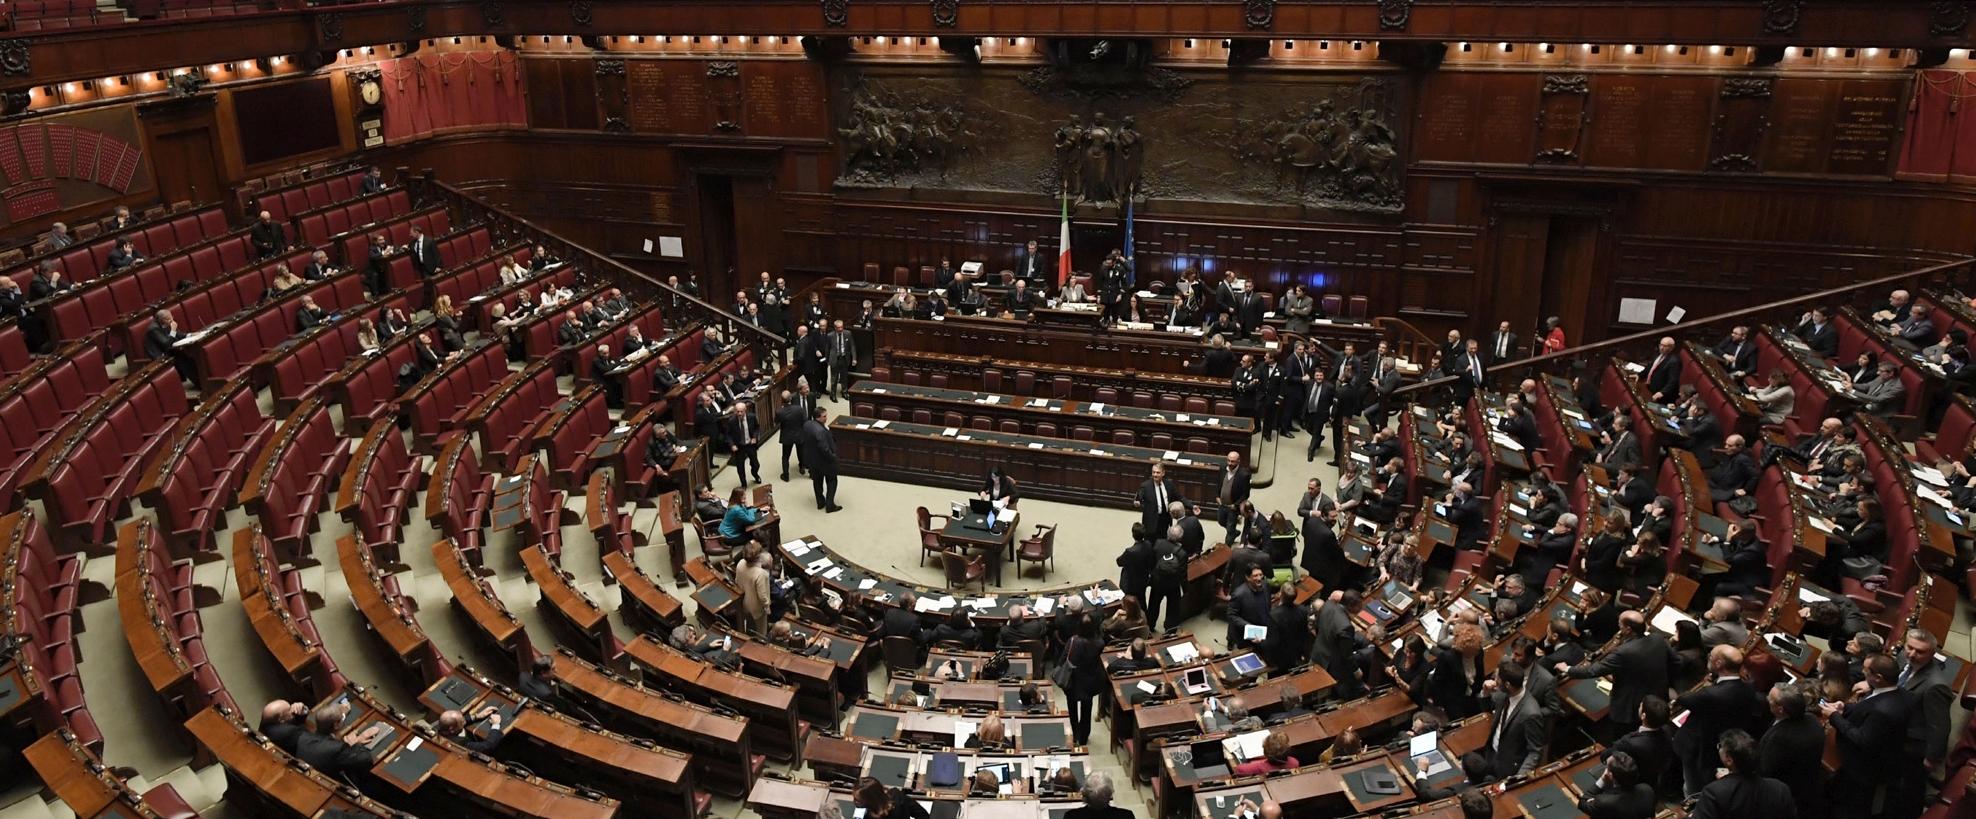 Le caste del parlamento radio24 for Rassegna stampa parlamento